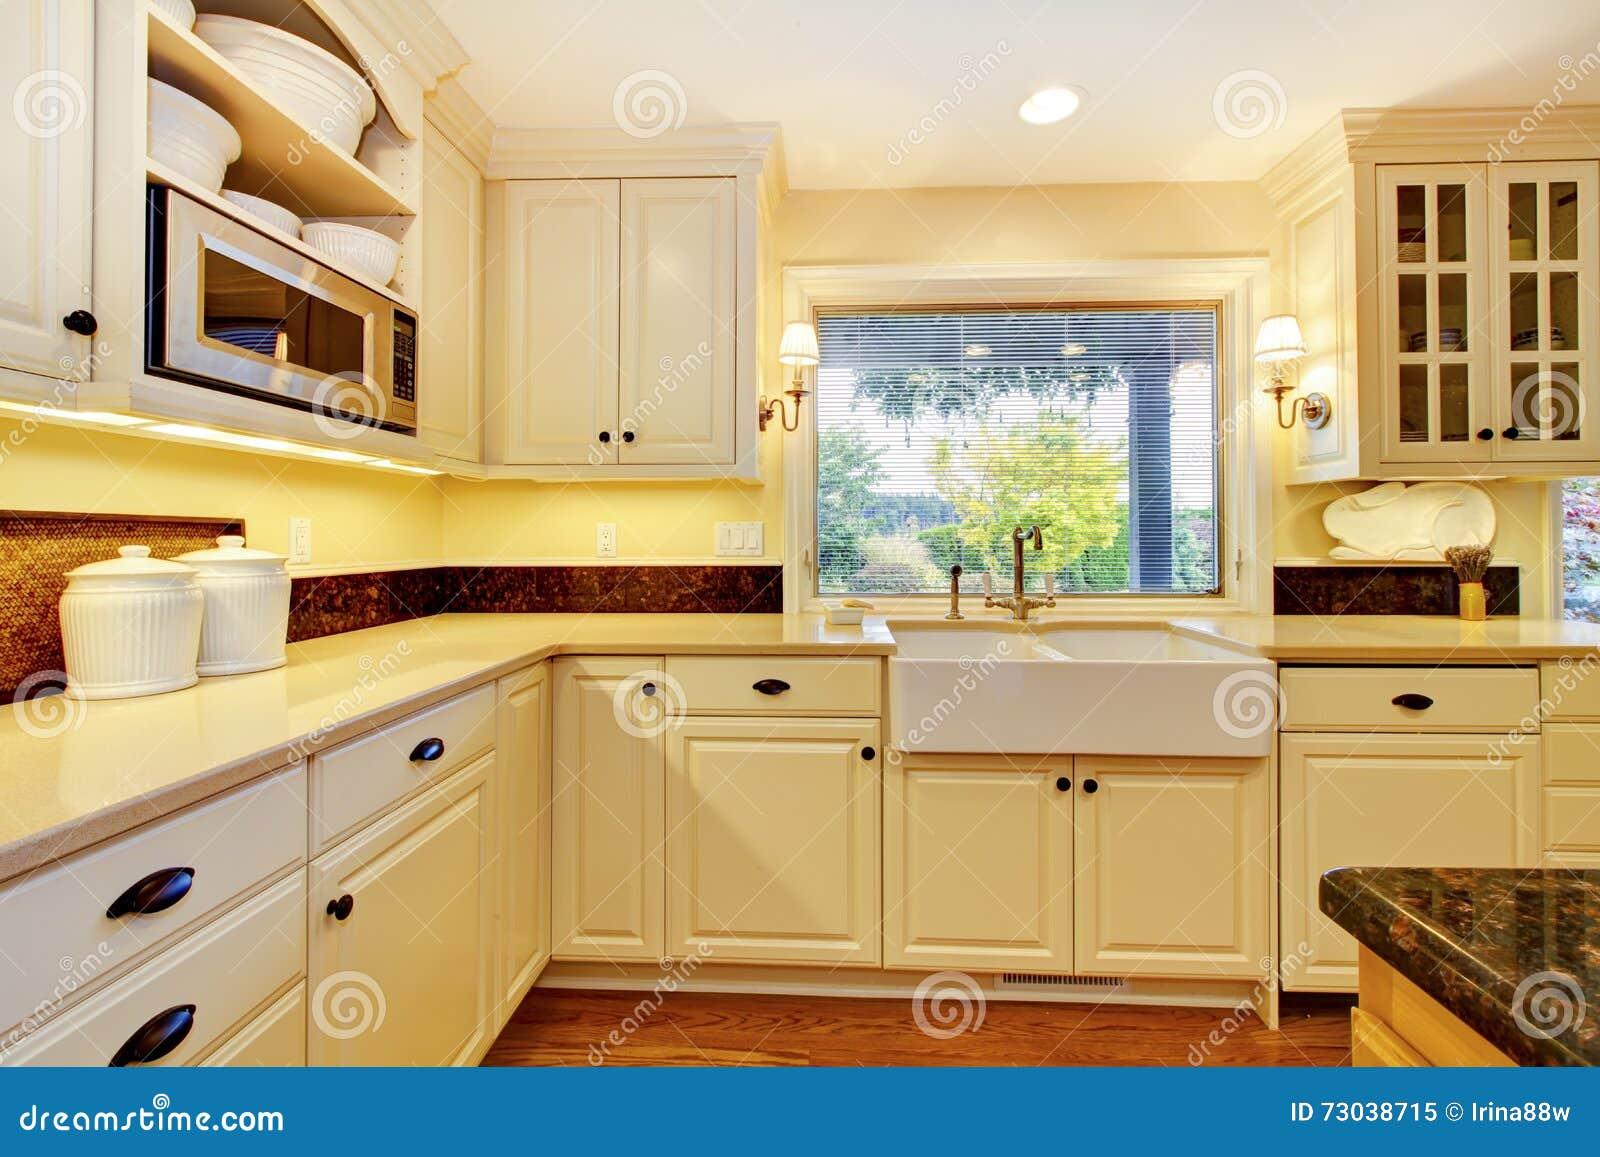 Cocina Del Color Crema Con El Fregadero Blanco Grande Y El Diseño ...